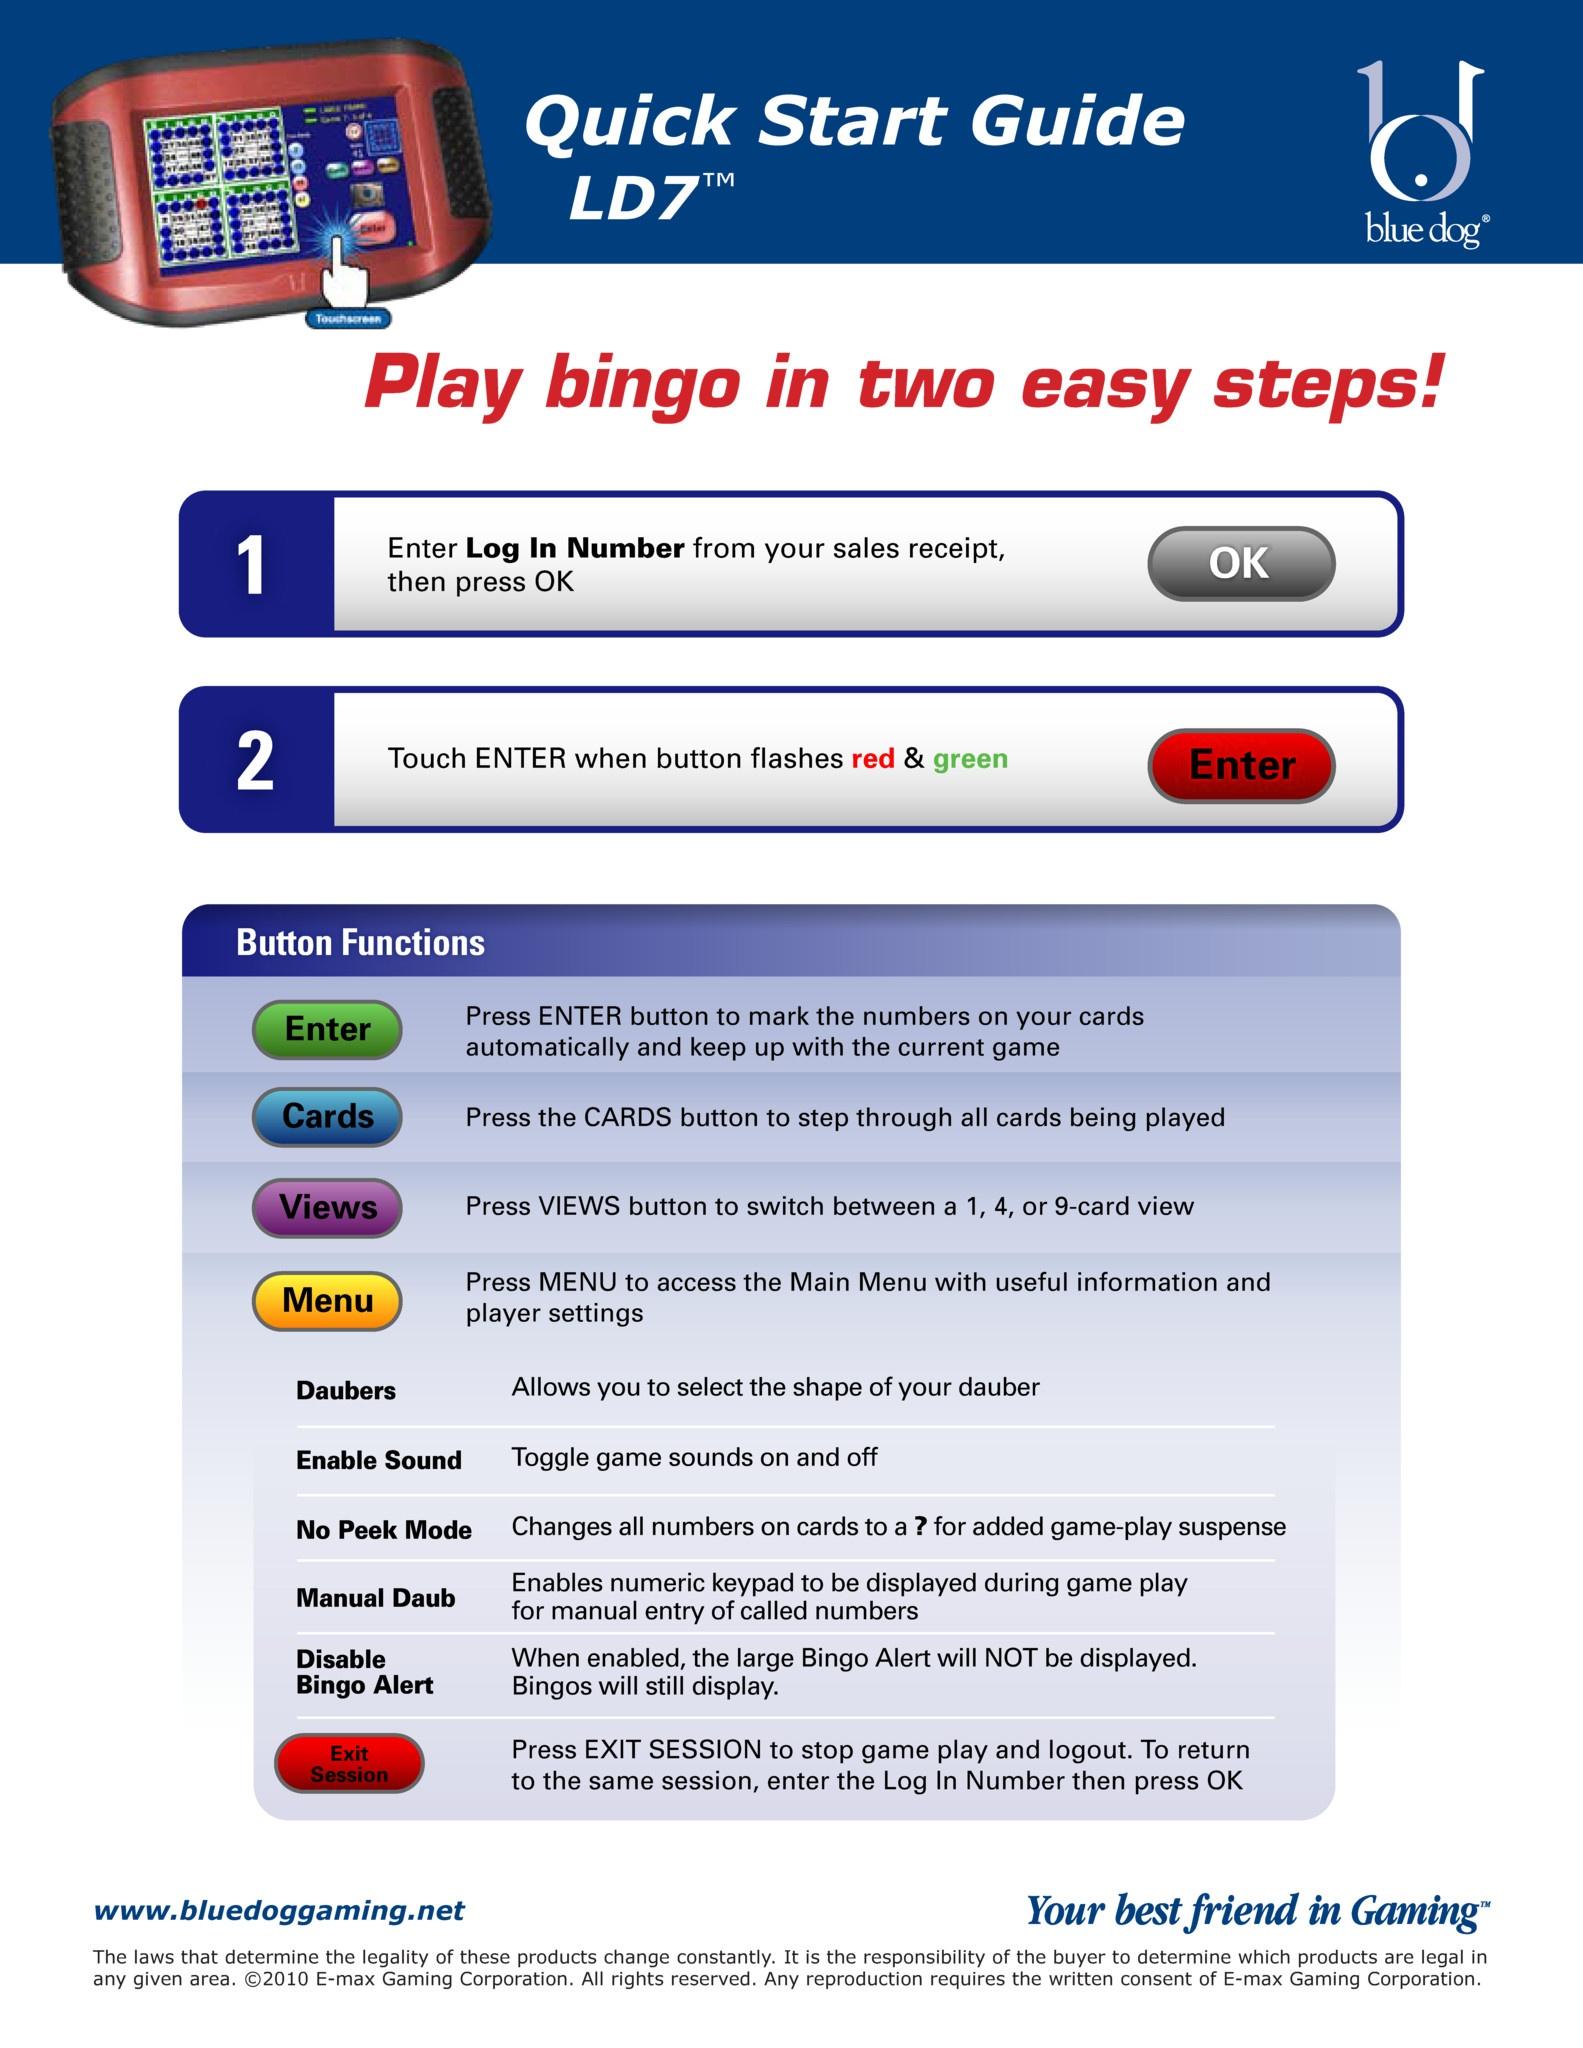 LD7 QuickStart Equipment Manuals/Quick Start Guides